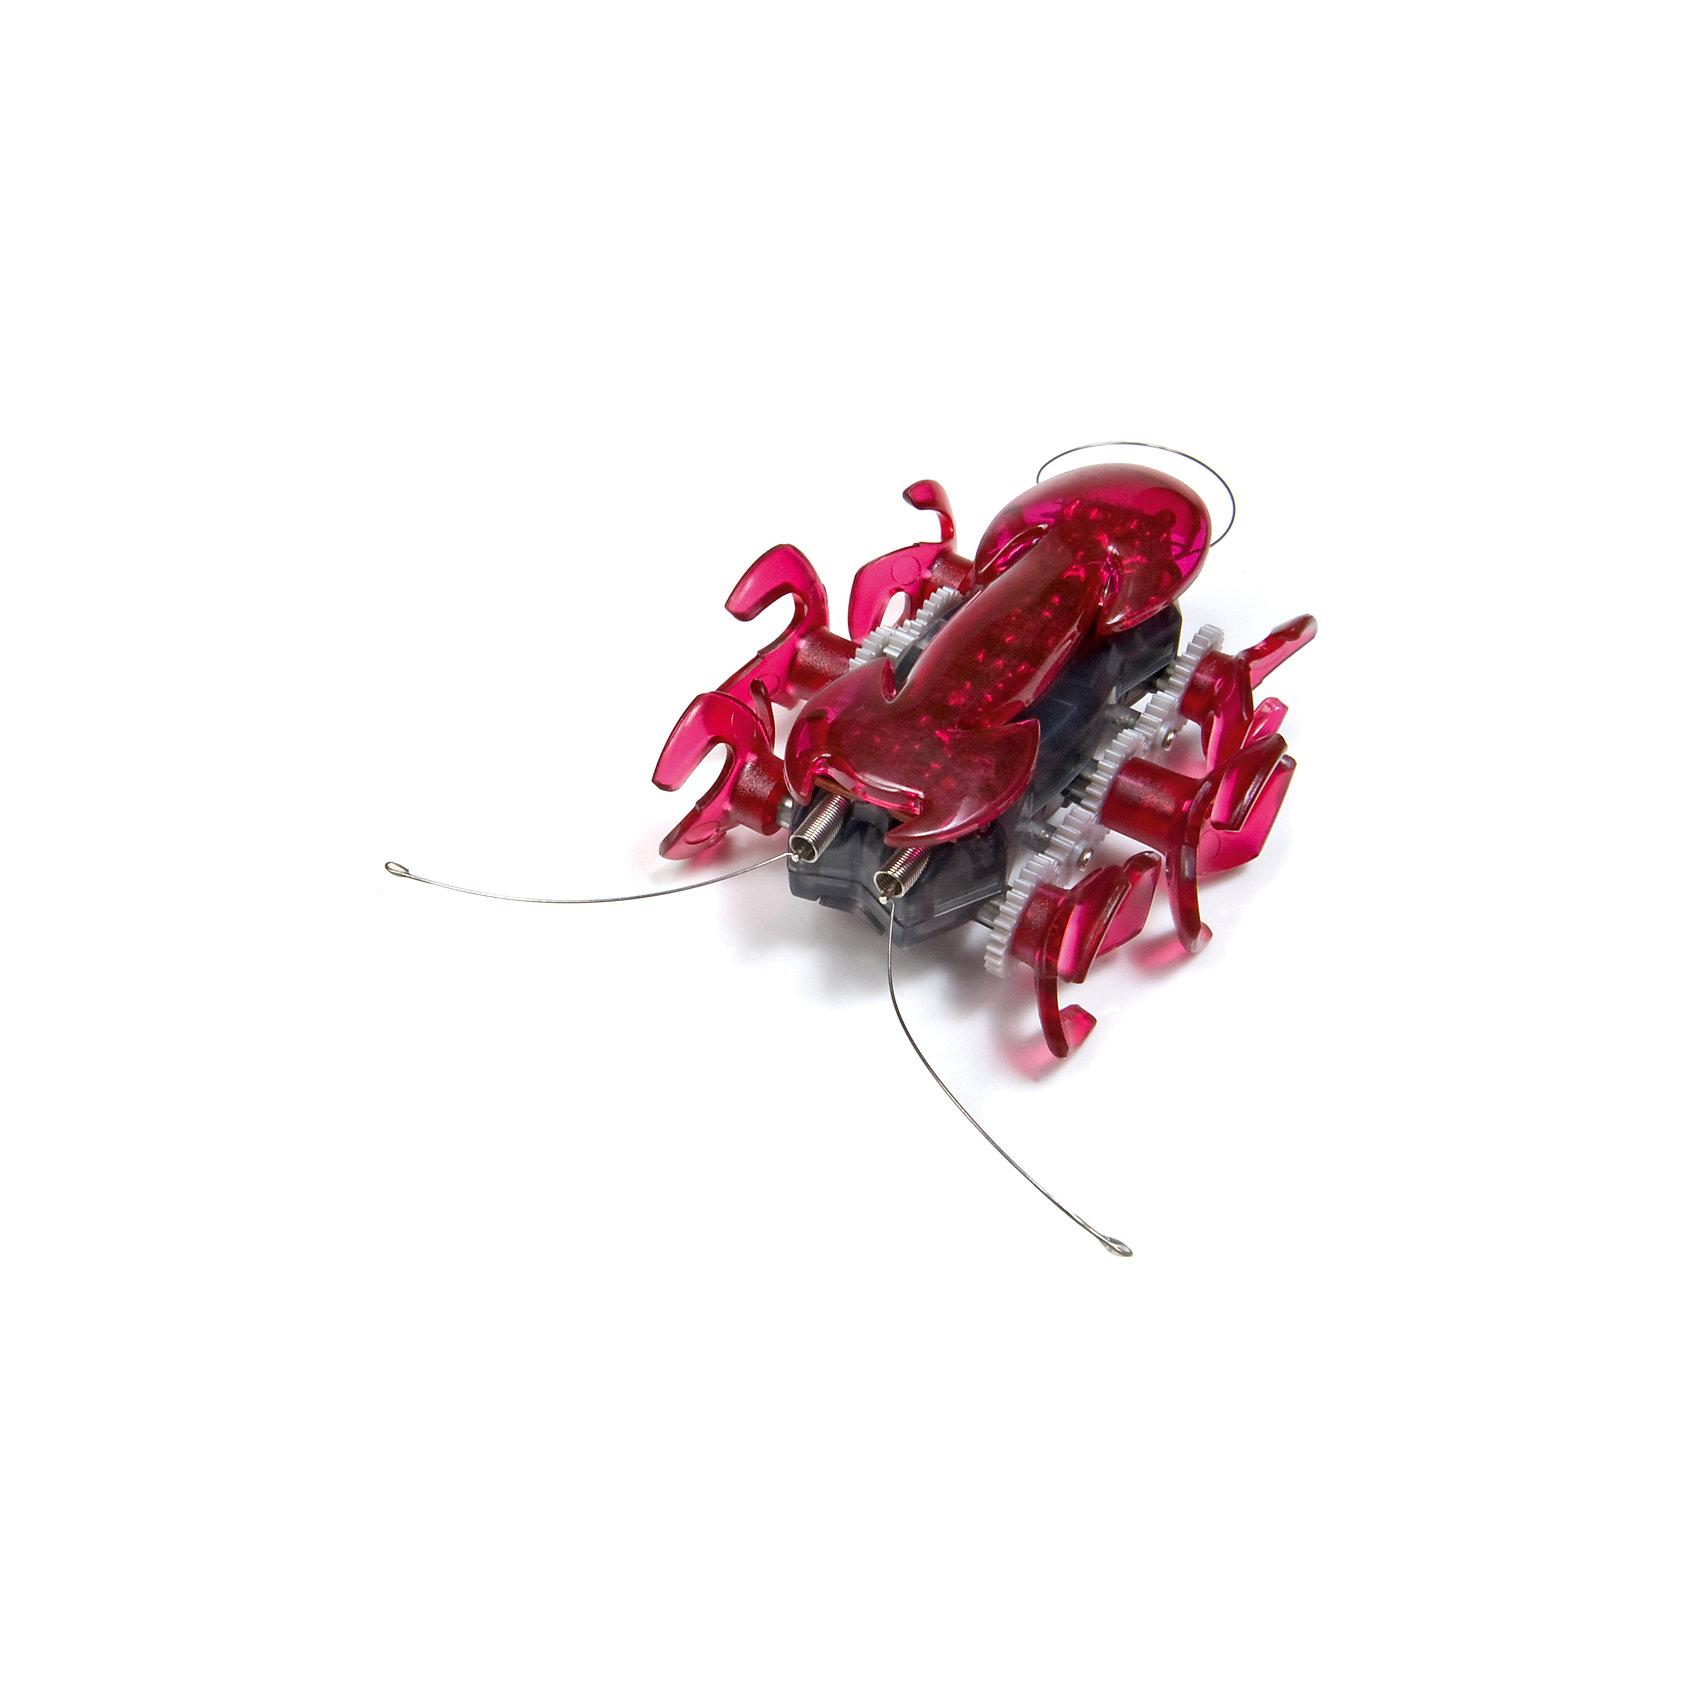 Микро-робот Муравей, красный, HexbugИнтерактивные животные<br>Характеристики электронной игрушки Hexbug:<br><br>• отличительная особенность: самое быстрое насекомое из серии Hexbug Nano;<br>• поведение наноробота: едет в одном направлении до преграды, затем едет в обратном направлении;<br>• командам муравей не подчиняется;<br>• наличие сенсорных датчиков;<br>• вместо лапок у наномуравья колесики;<br>• во время движения слышен механический звук;<br>• размер наноробота: 6х5х2,5 см;<br>• вес насекомого: 20 г;<br>• наноробот без труда путешествует по нанодромам из наборов Hexbug Nano;<br>• батарейки входят в комплект: 2 шт. типа AG13;<br>• материал: пластик. <br><br>Электронная игрушка Нано – это микро-робот Hexbug Ant, который очень быстро бегает по ровной поверхности. Наноробот на колесиках оснащен сенсорами, которые находятся спереди и сзади. С нанороботами можно устроить настоящие скоростные забеги. <br><br>Микро-робот Муравей, красный, Hexbug можно купить в нашем интернет-магазине.<br><br>Ширина мм: 6<br>Глубина мм: 11<br>Высота мм: 9<br>Вес г: 36<br>Возраст от месяцев: 36<br>Возраст до месяцев: 2147483647<br>Пол: Унисекс<br>Возраст: Детский<br>SKU: 5007067